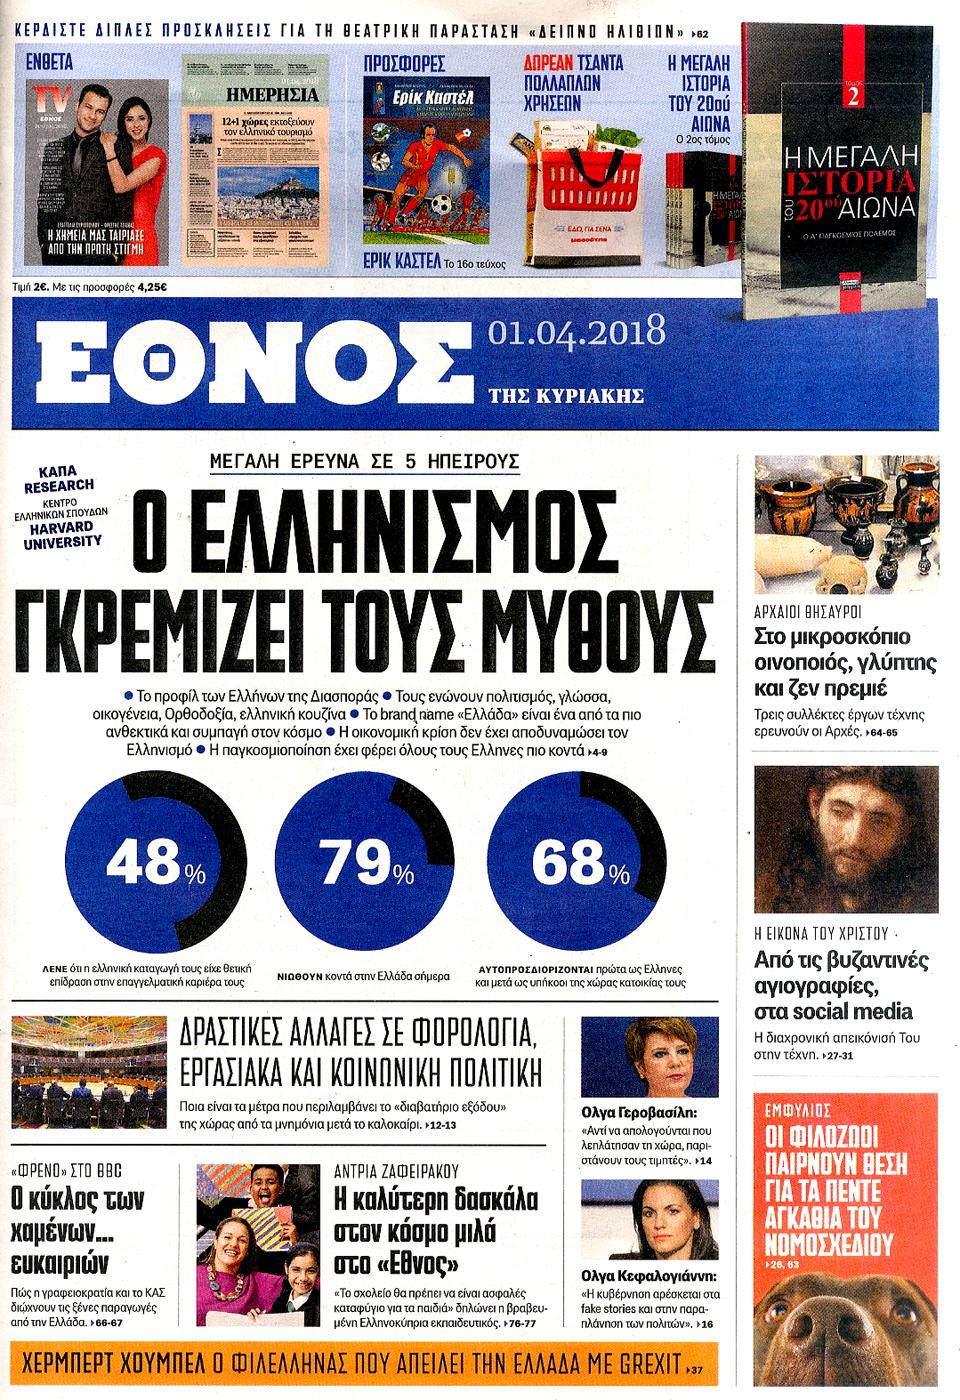 310318_ethnos